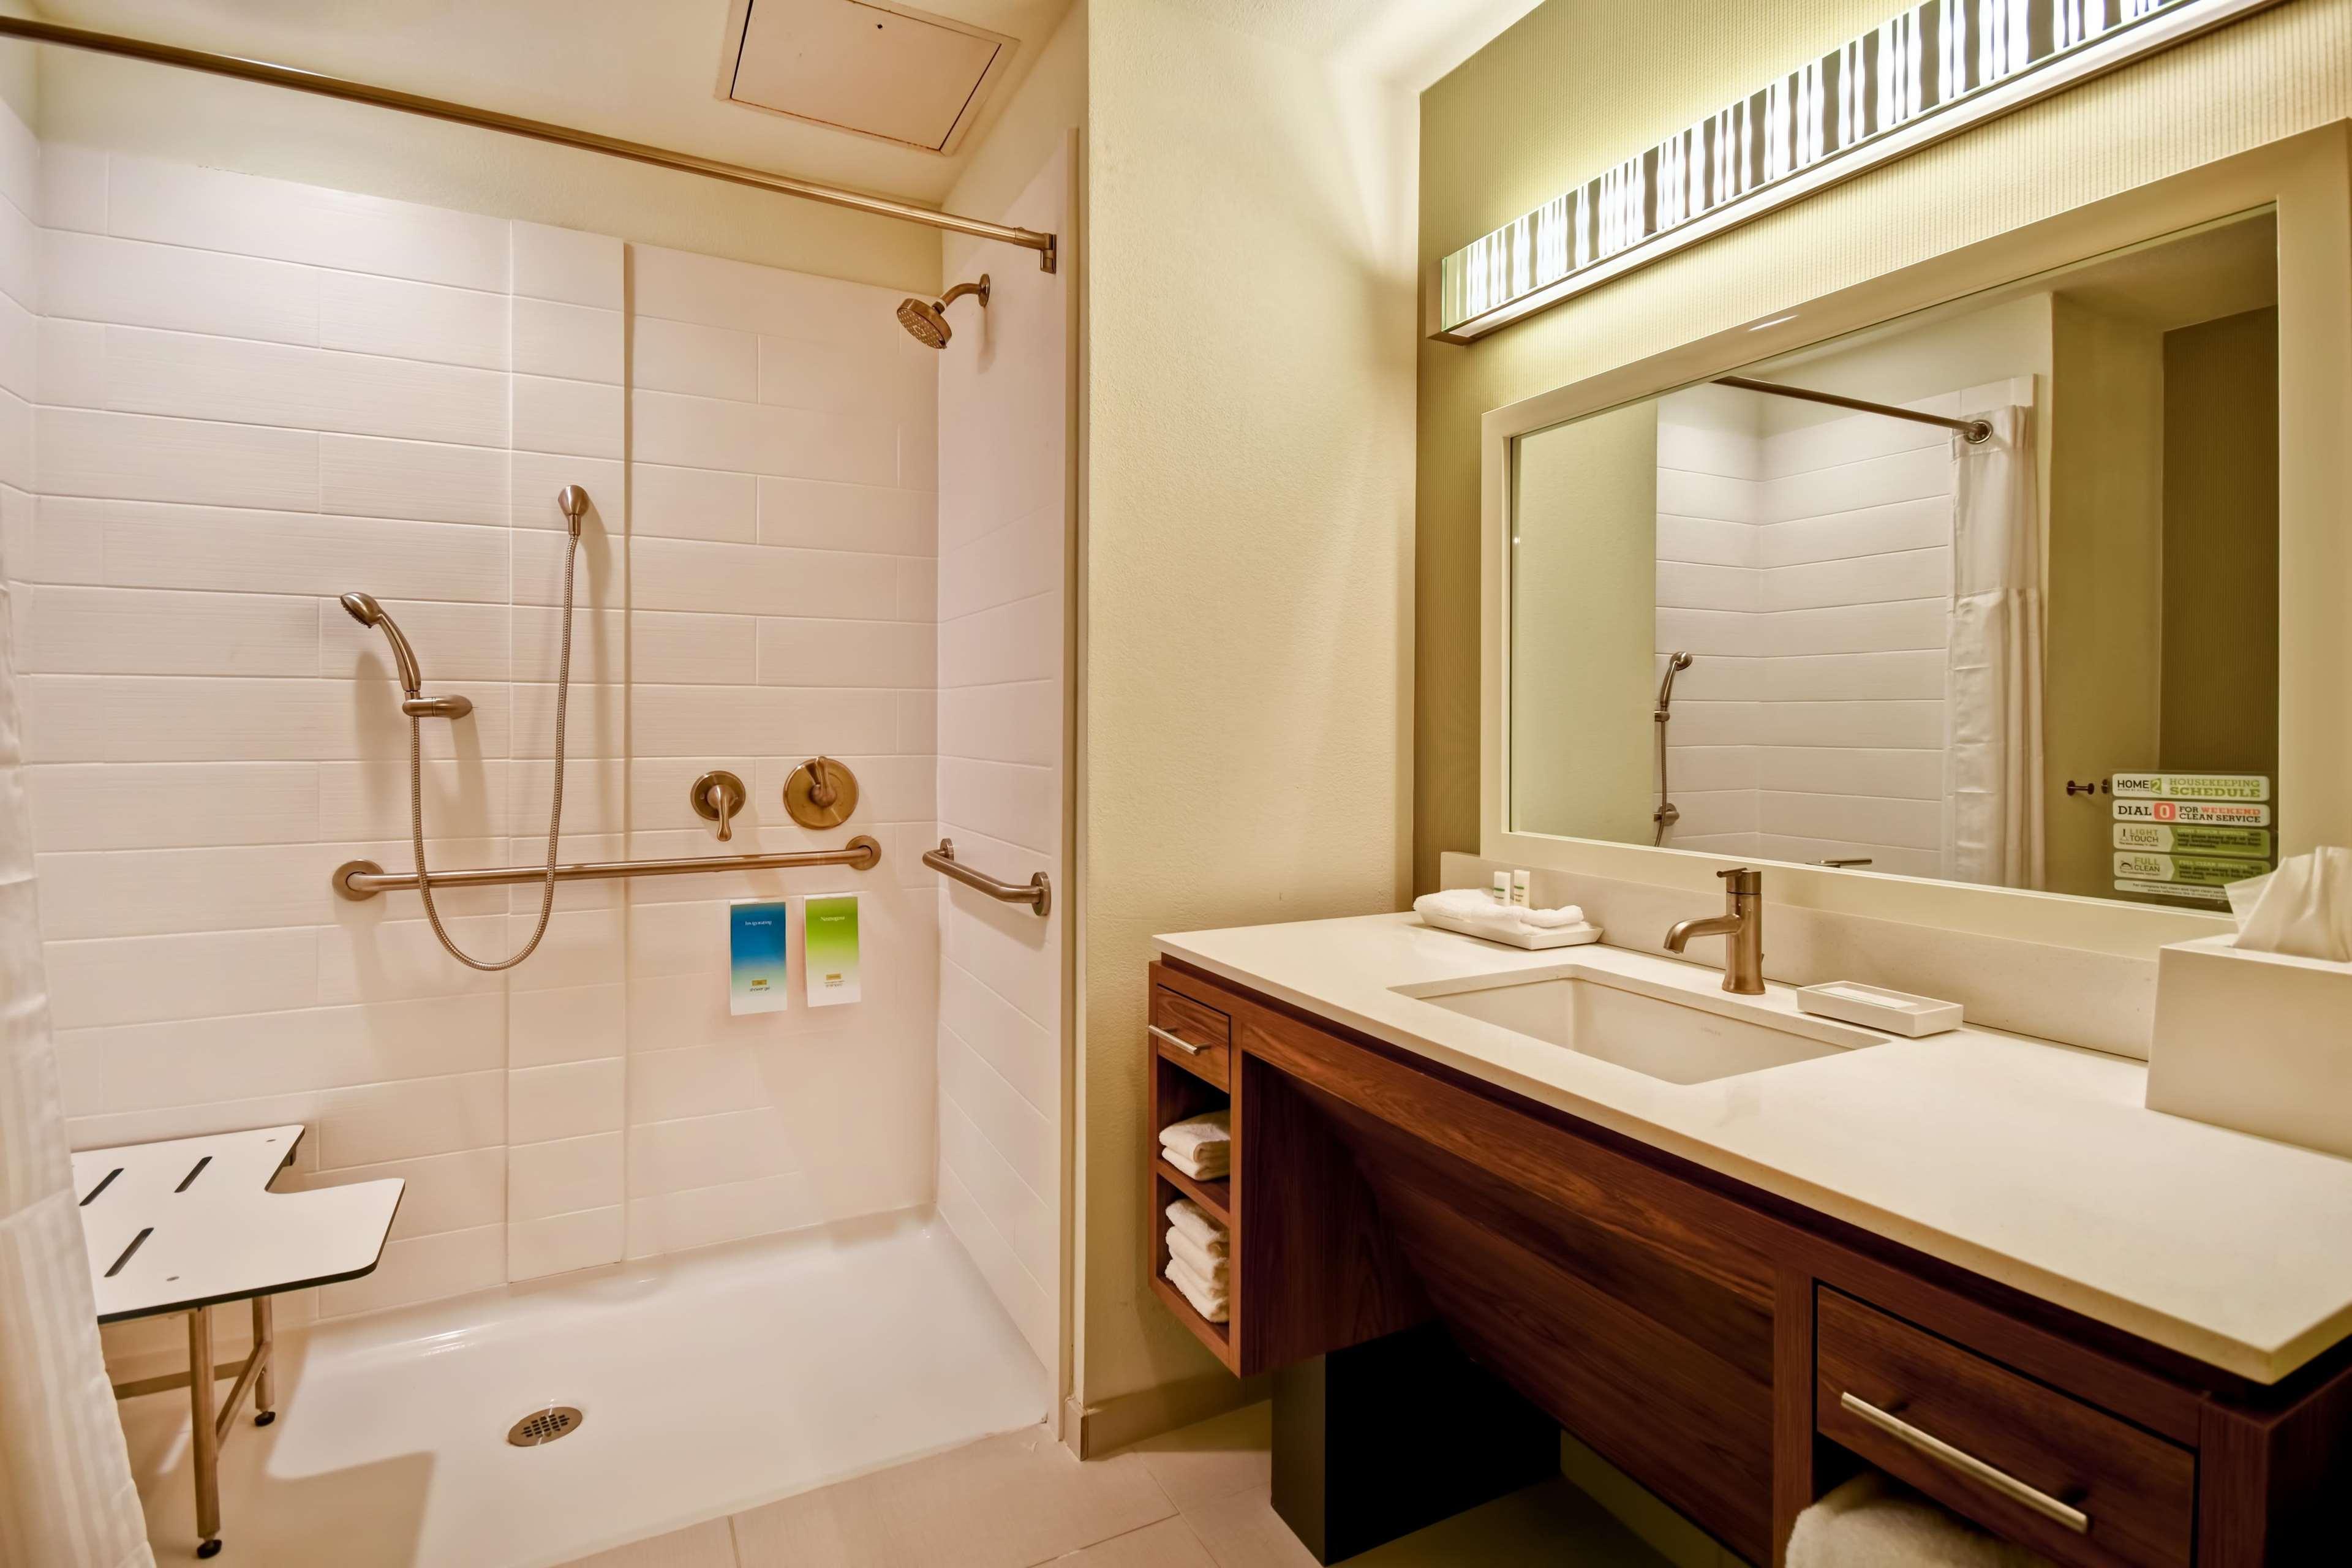 Home2 Suites by Hilton Smyrna Nashville image 38